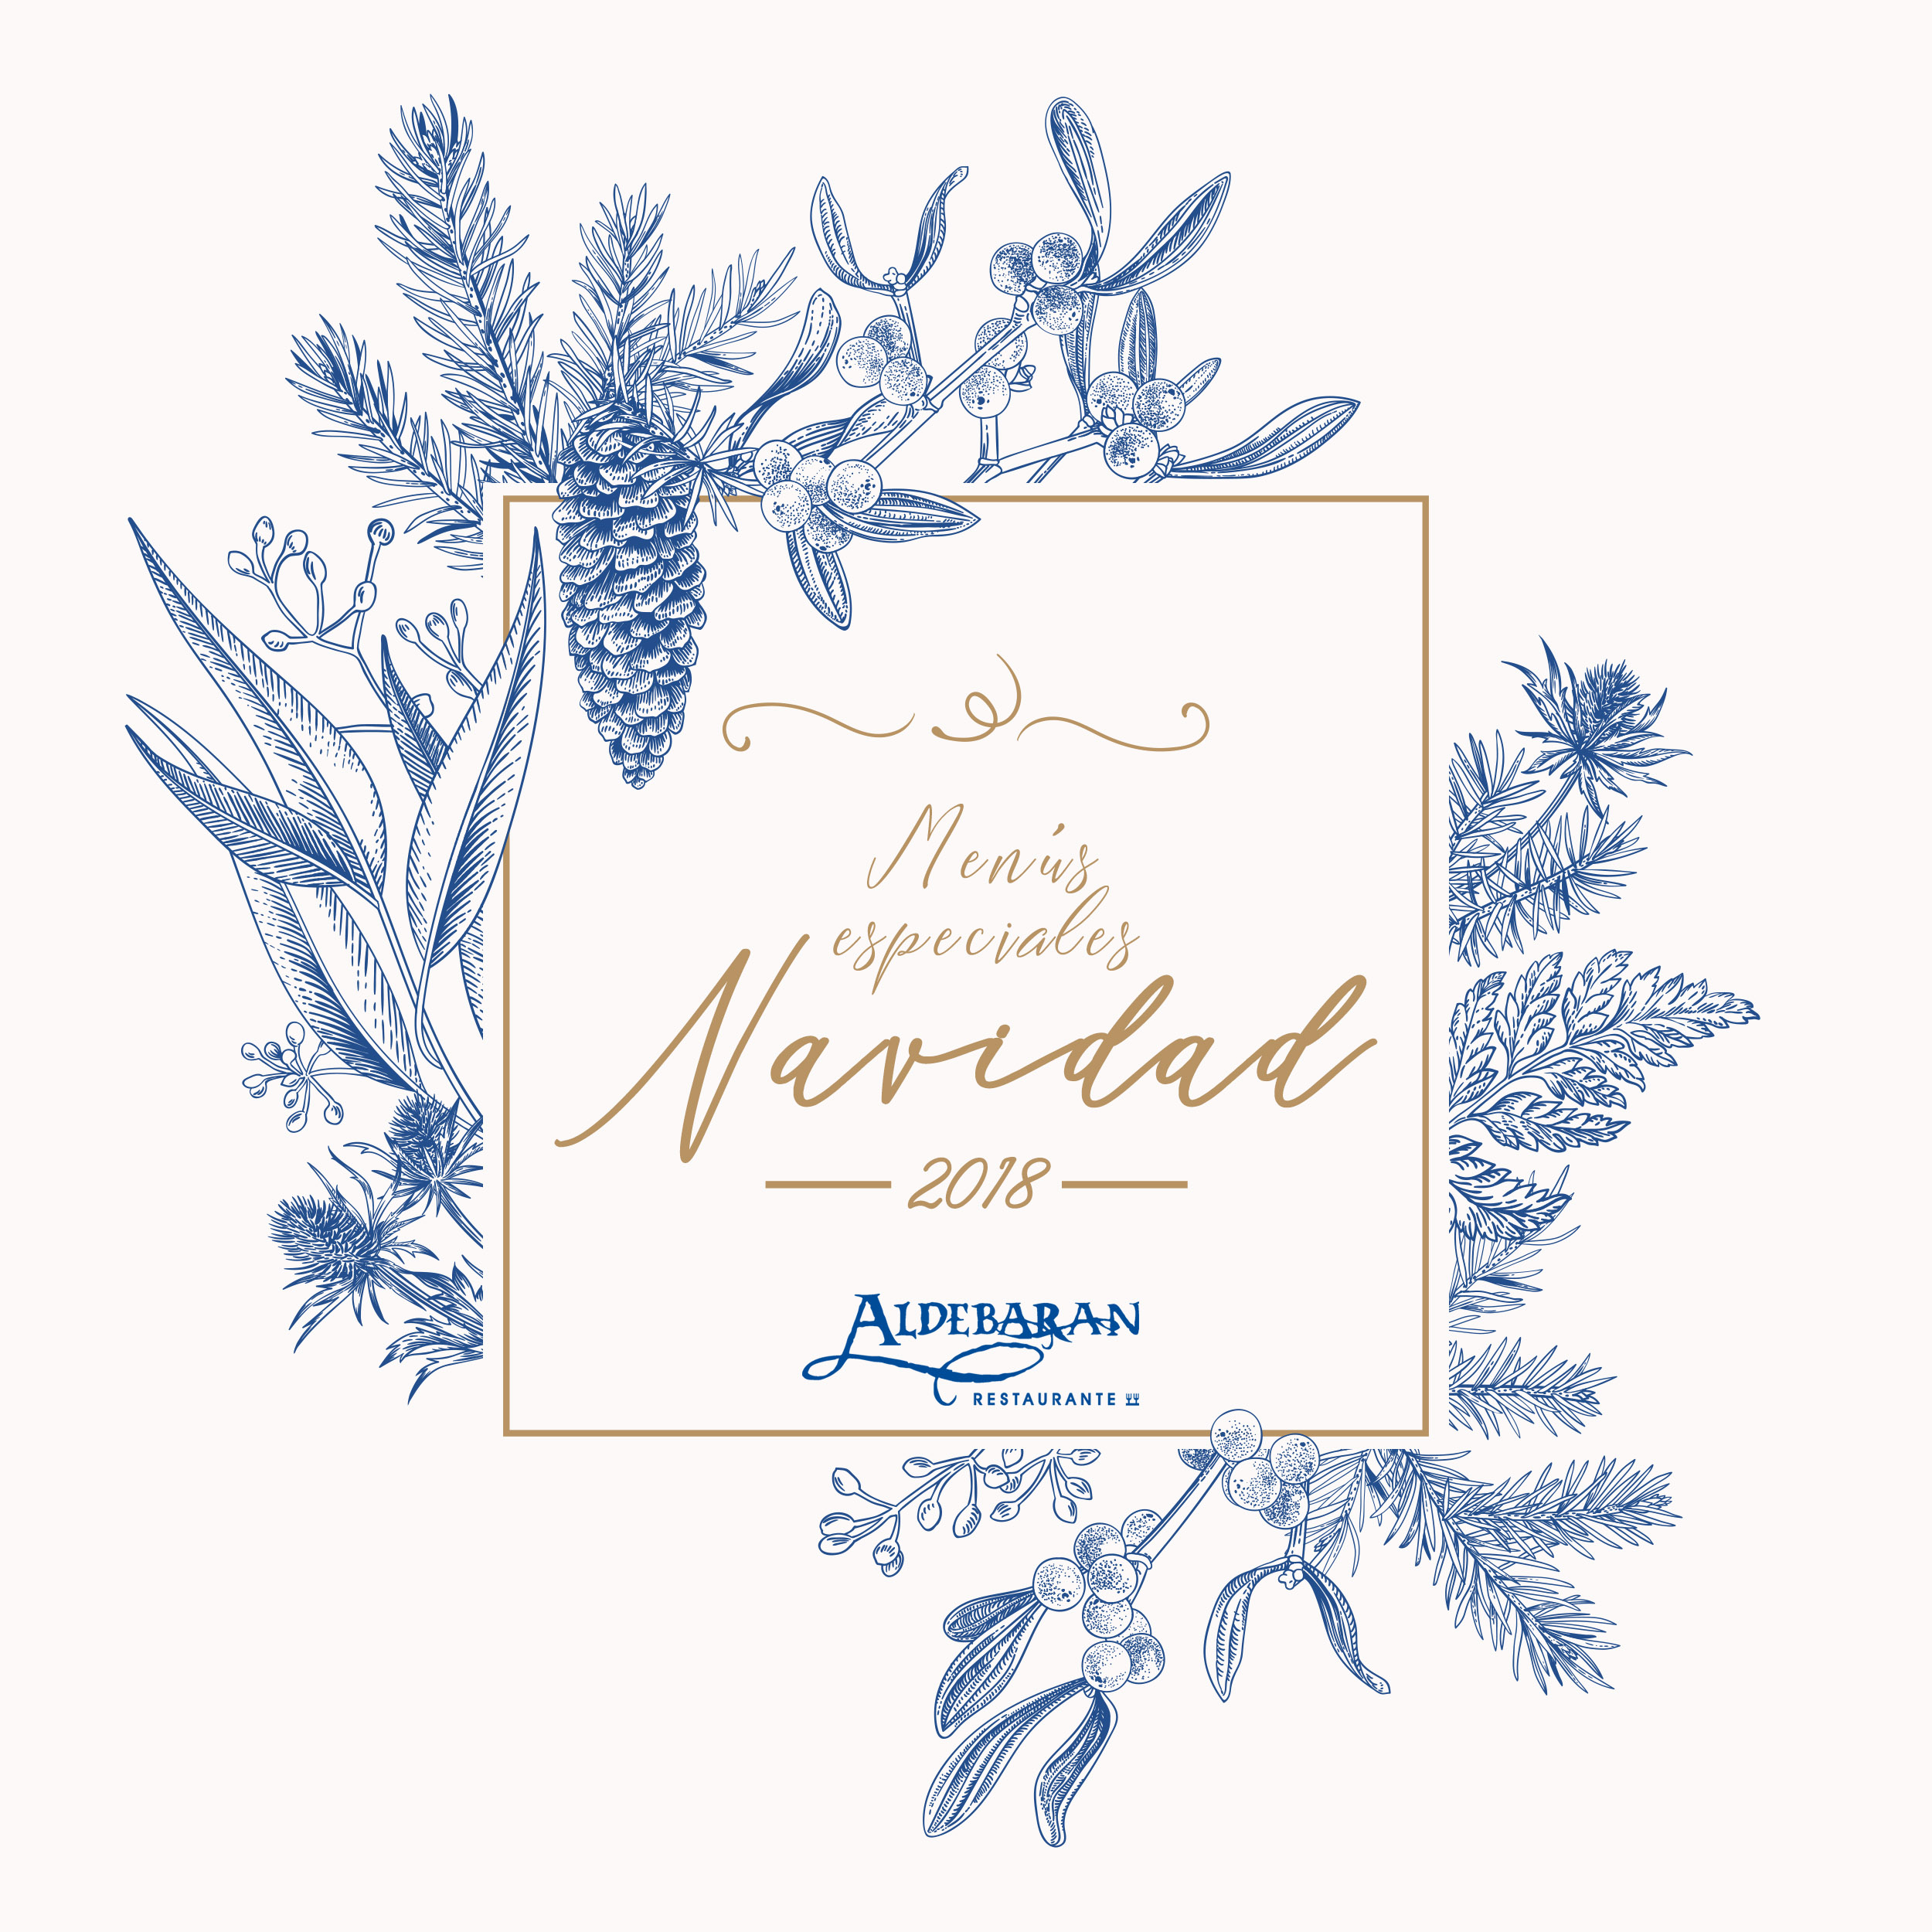 Menus especiales Navidad Aldebaran